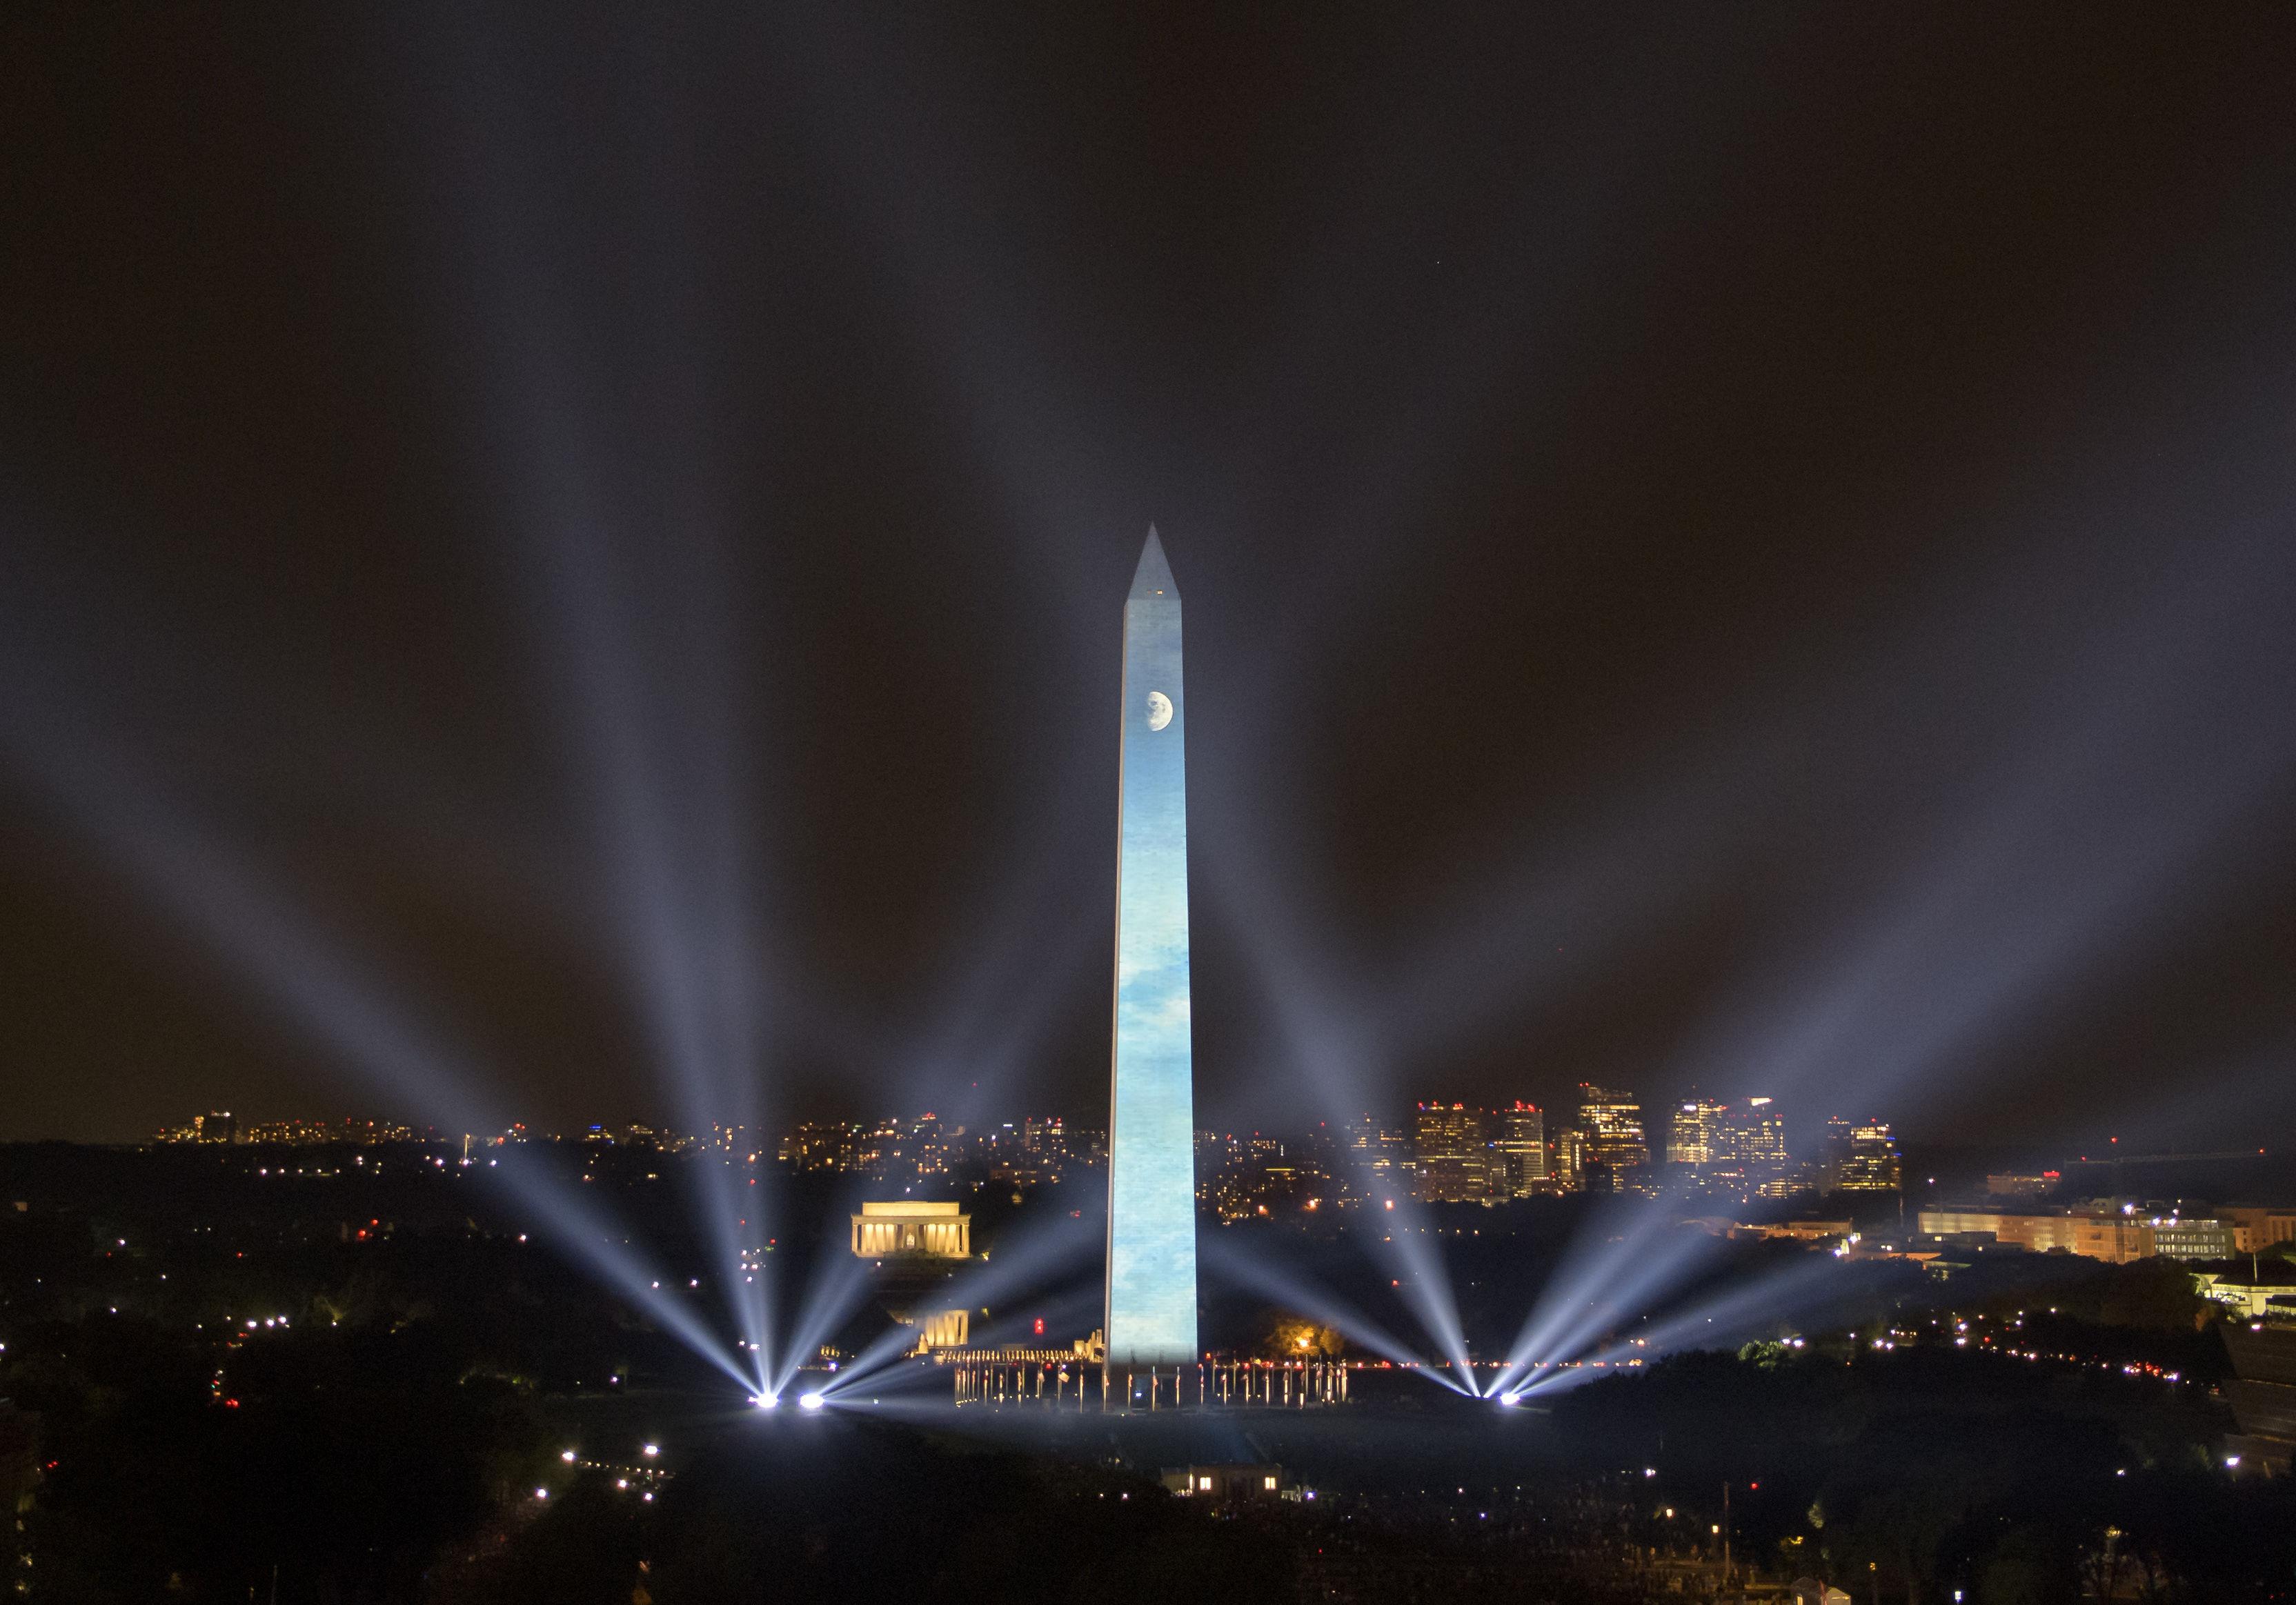 динамічне зовнішнє освітлення архітектурних об'єктів за допомогою прожекторів